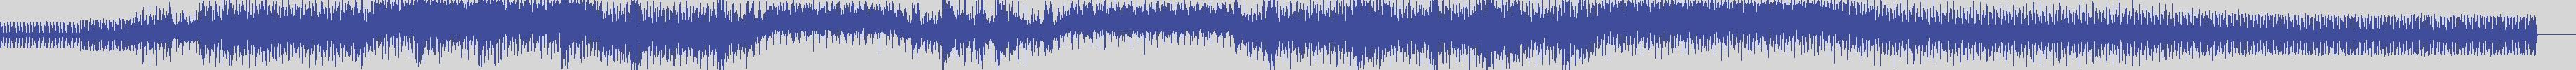 just_digital_records [JS1065] Dj Alex Del Lago - Jungle Mid Night [Original Mix] audio wave form